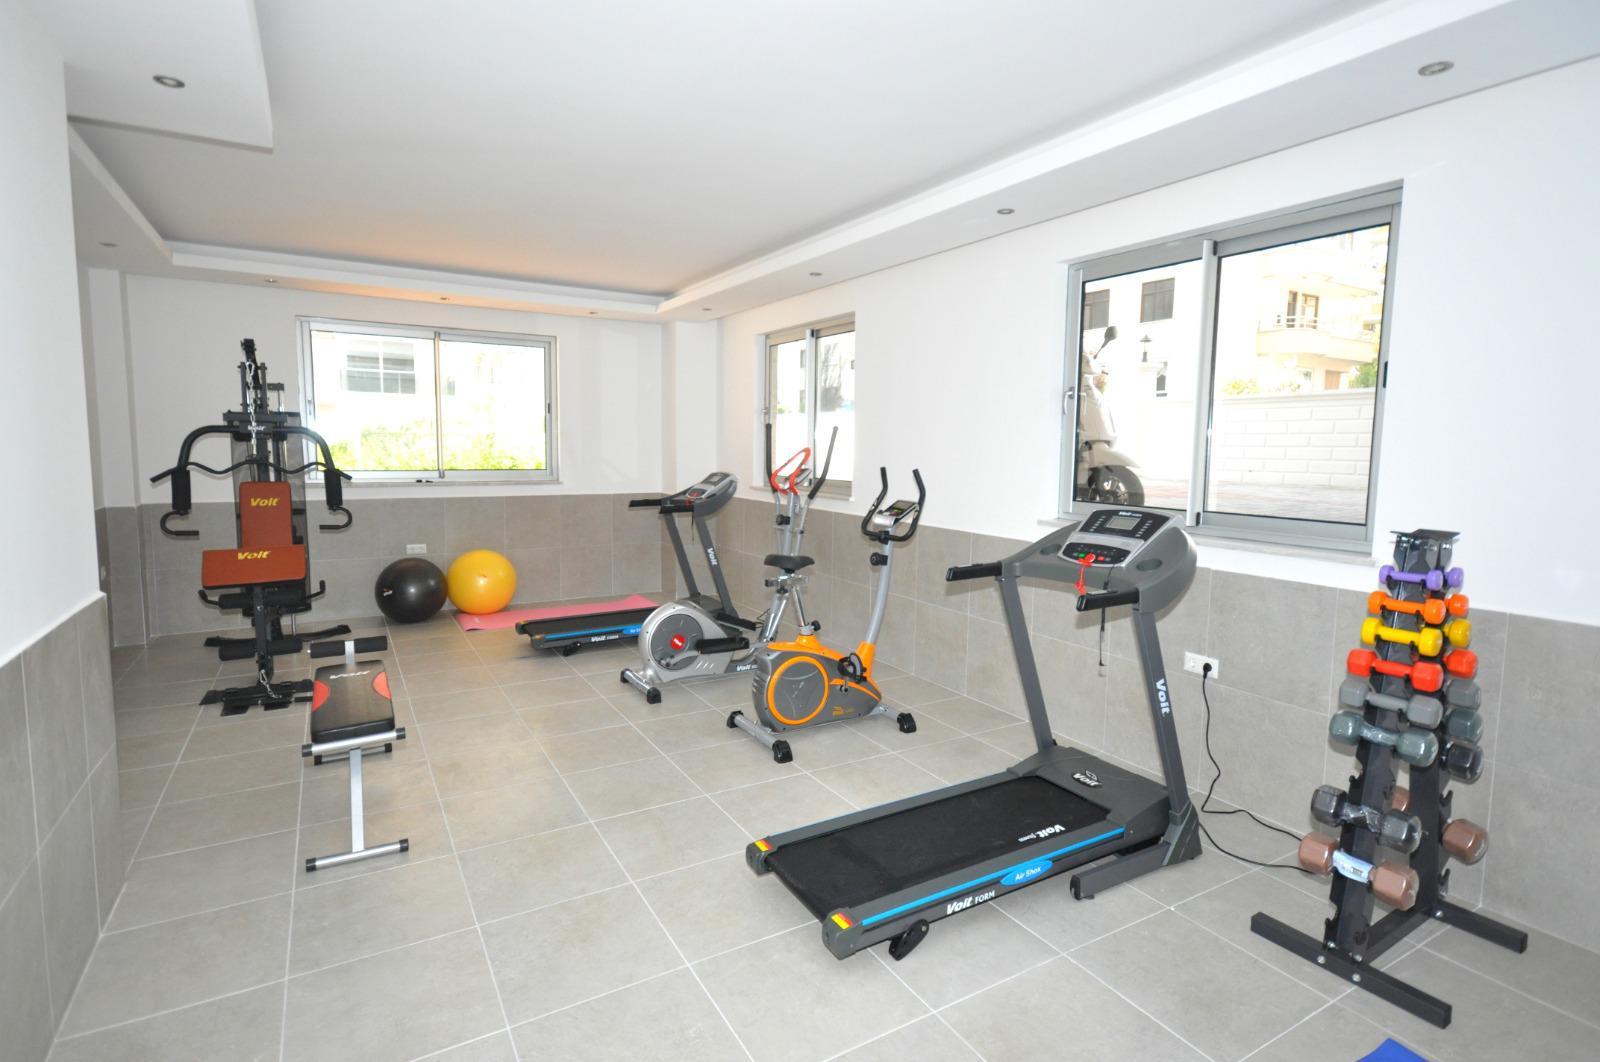 Квартира 1+1 в жилом комплексе района Махмутлар - Фото 7